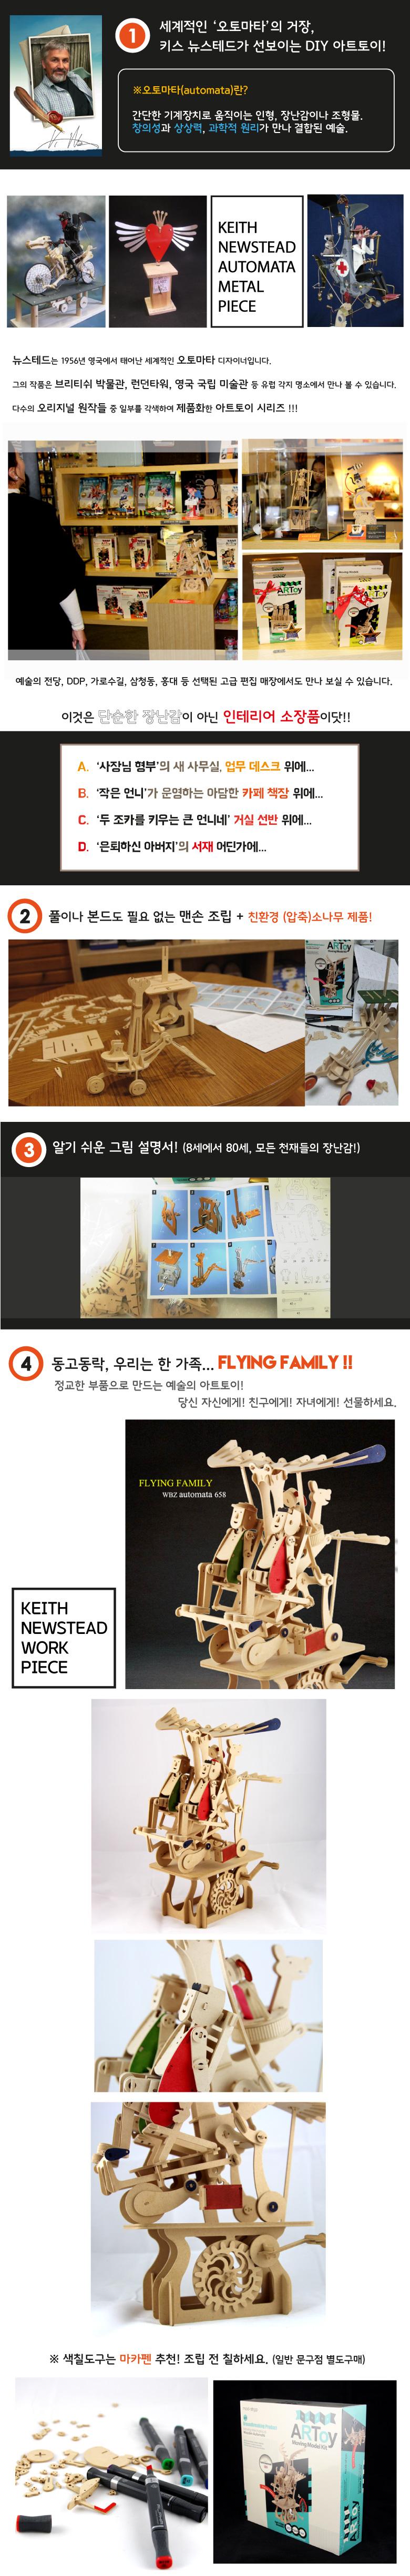 플라잉 패밀리-Flying Family - 원더보이즈, 65,800원, 우드 토이, DIY세트